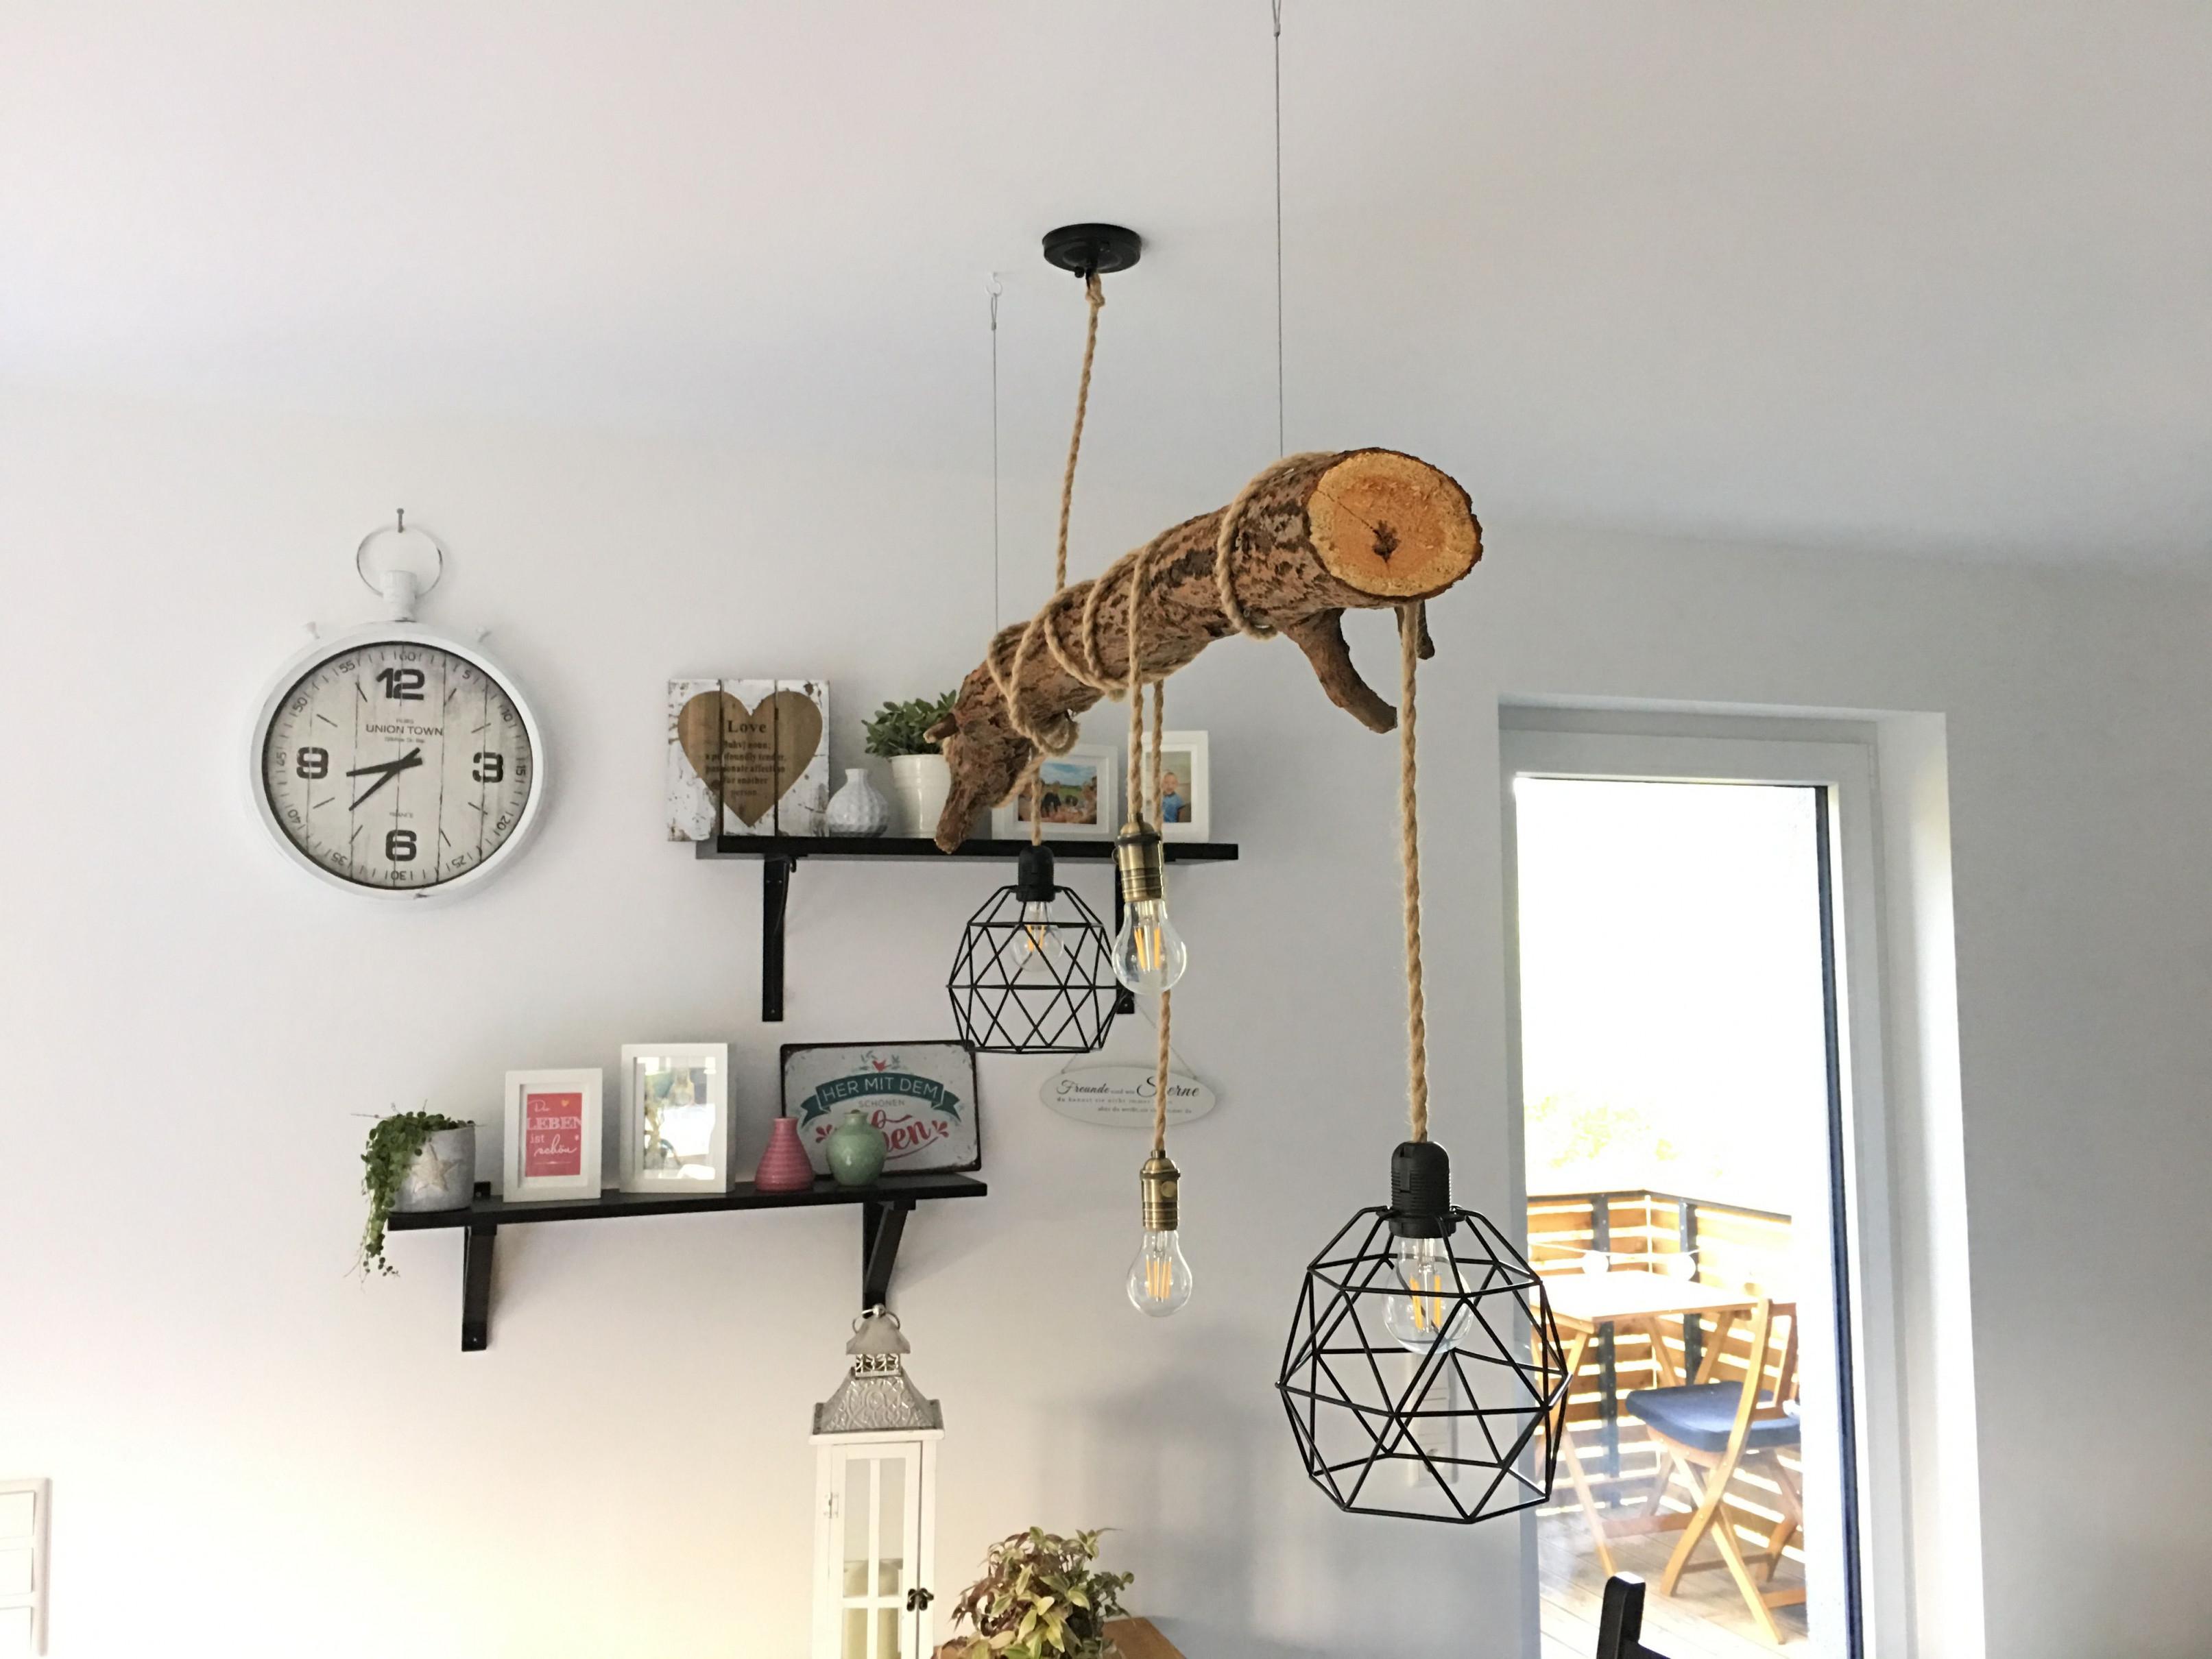 Led Lampe Holz Ast Vintage Esstisch Diy Wood  Lampe Holz von Lampe Wohnzimmer Holz Bild